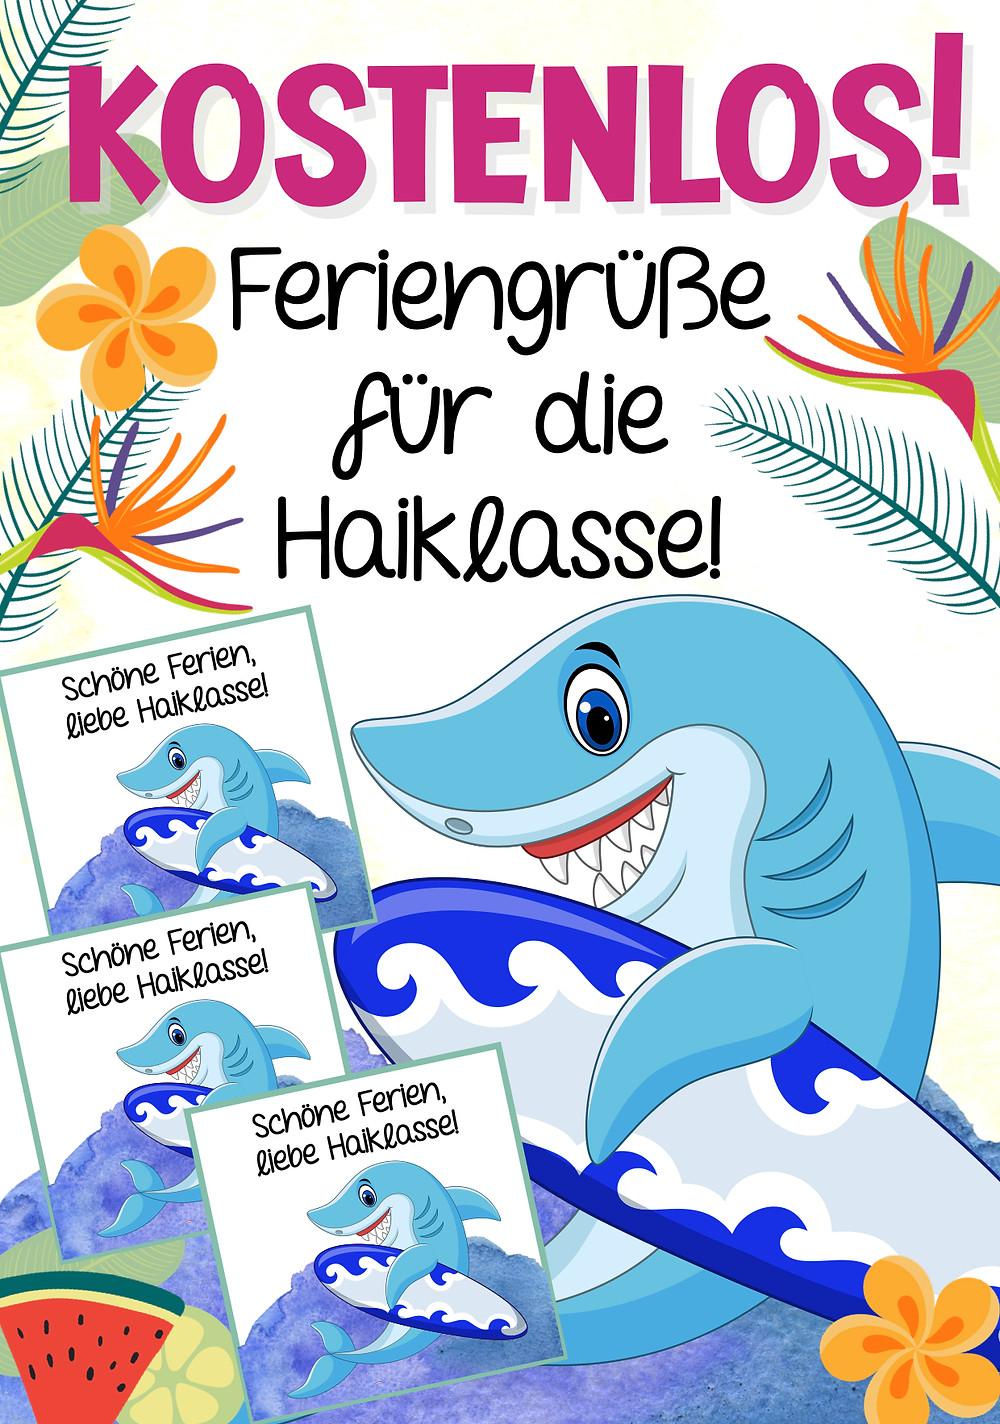 Feriengrüße Haiklasse kostenlos für die Grundschule